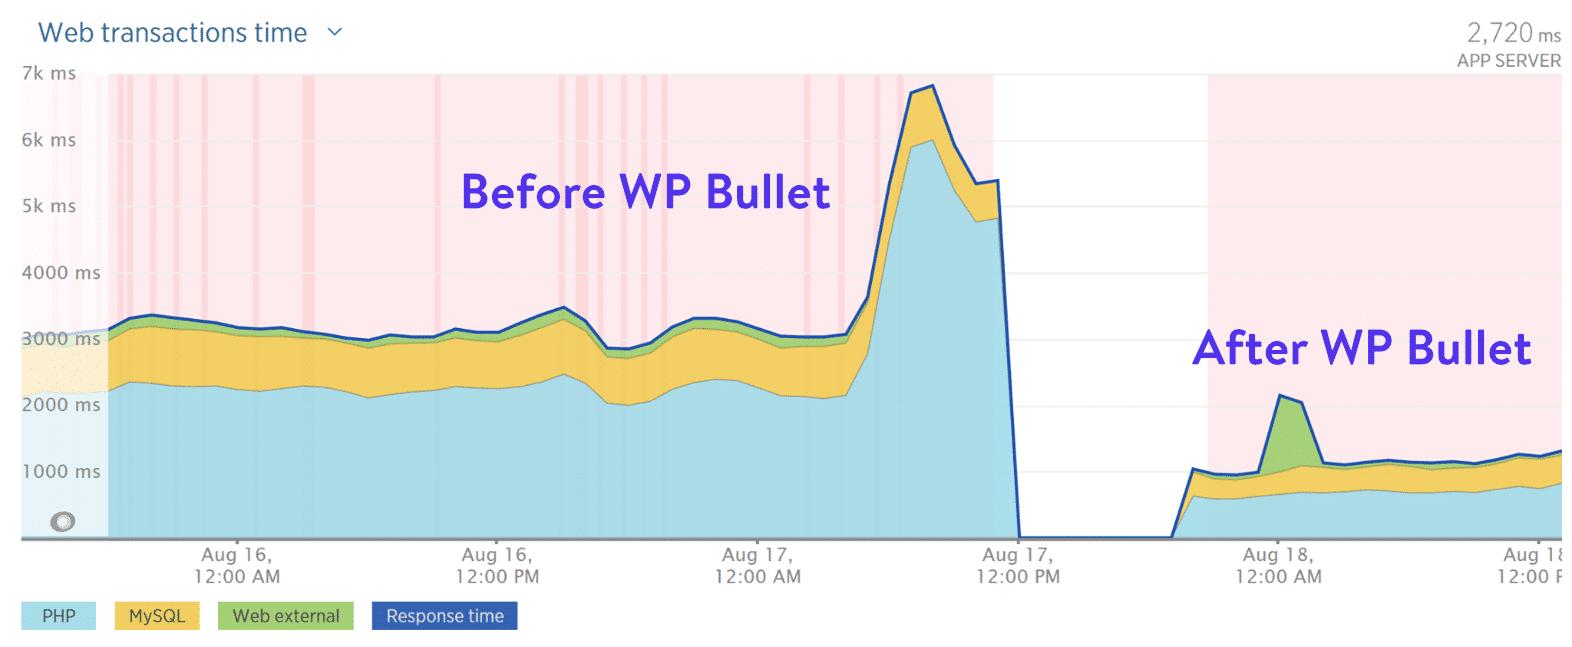 Före och Efter WP Bullet